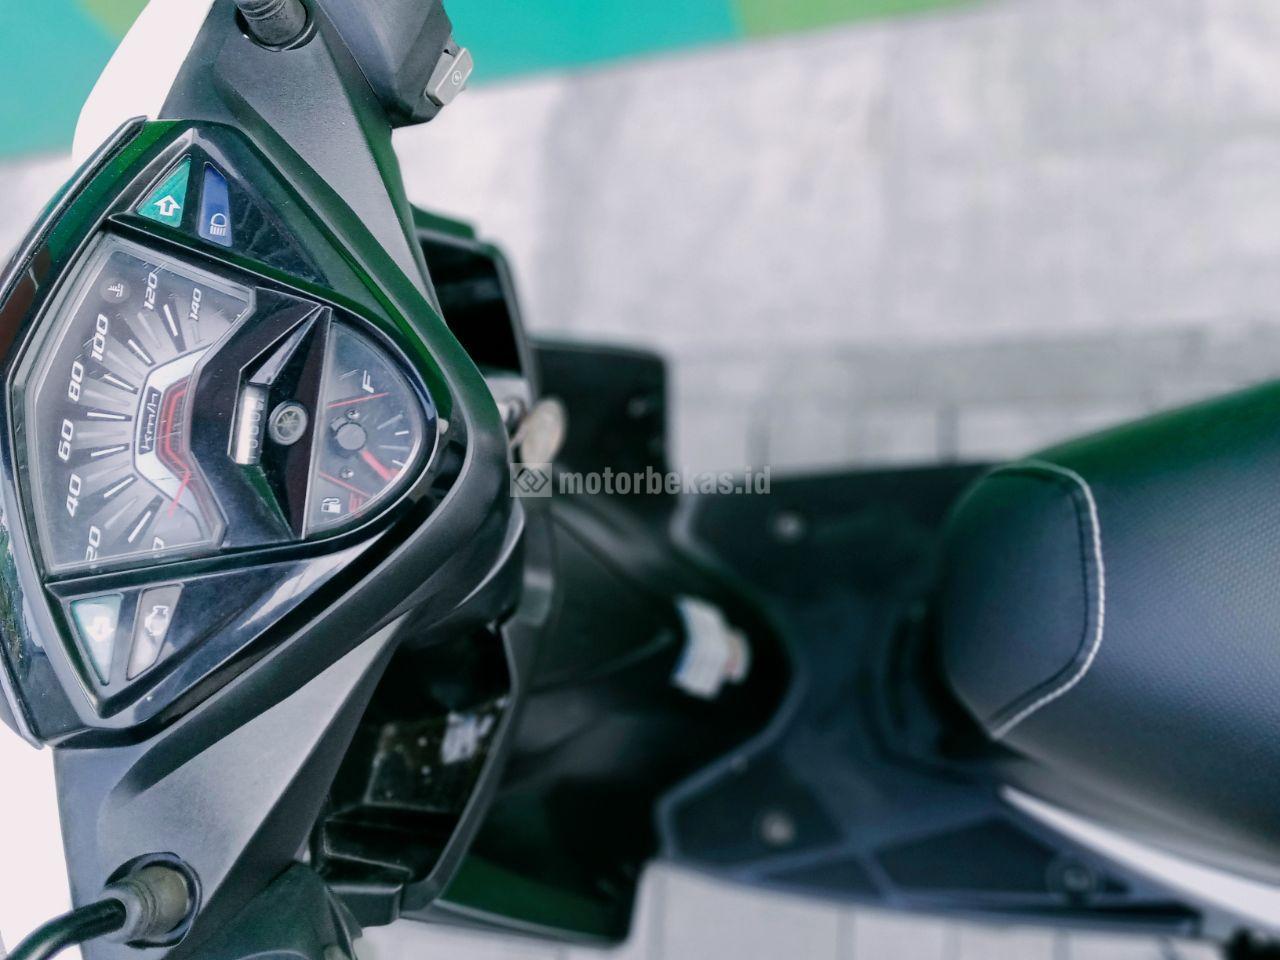 YAMAHA XEON FI 1451 motorbekas.id